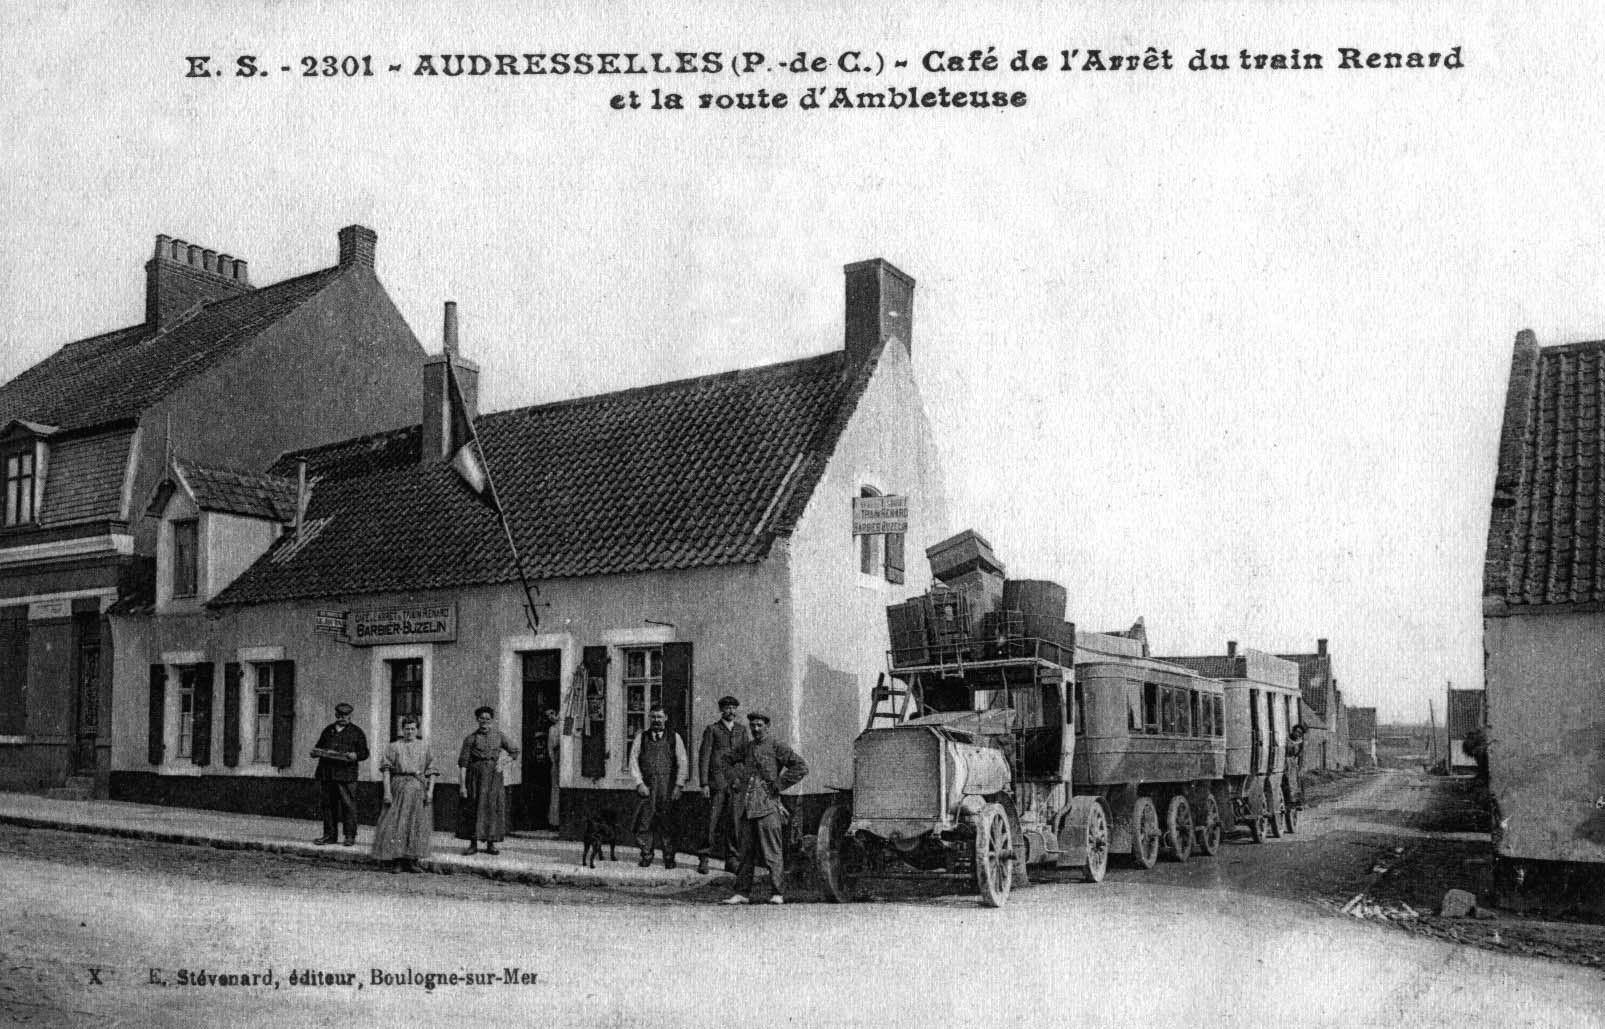 Audresselles café de l'arrêt du train Renard et la route d'Ambleteuse